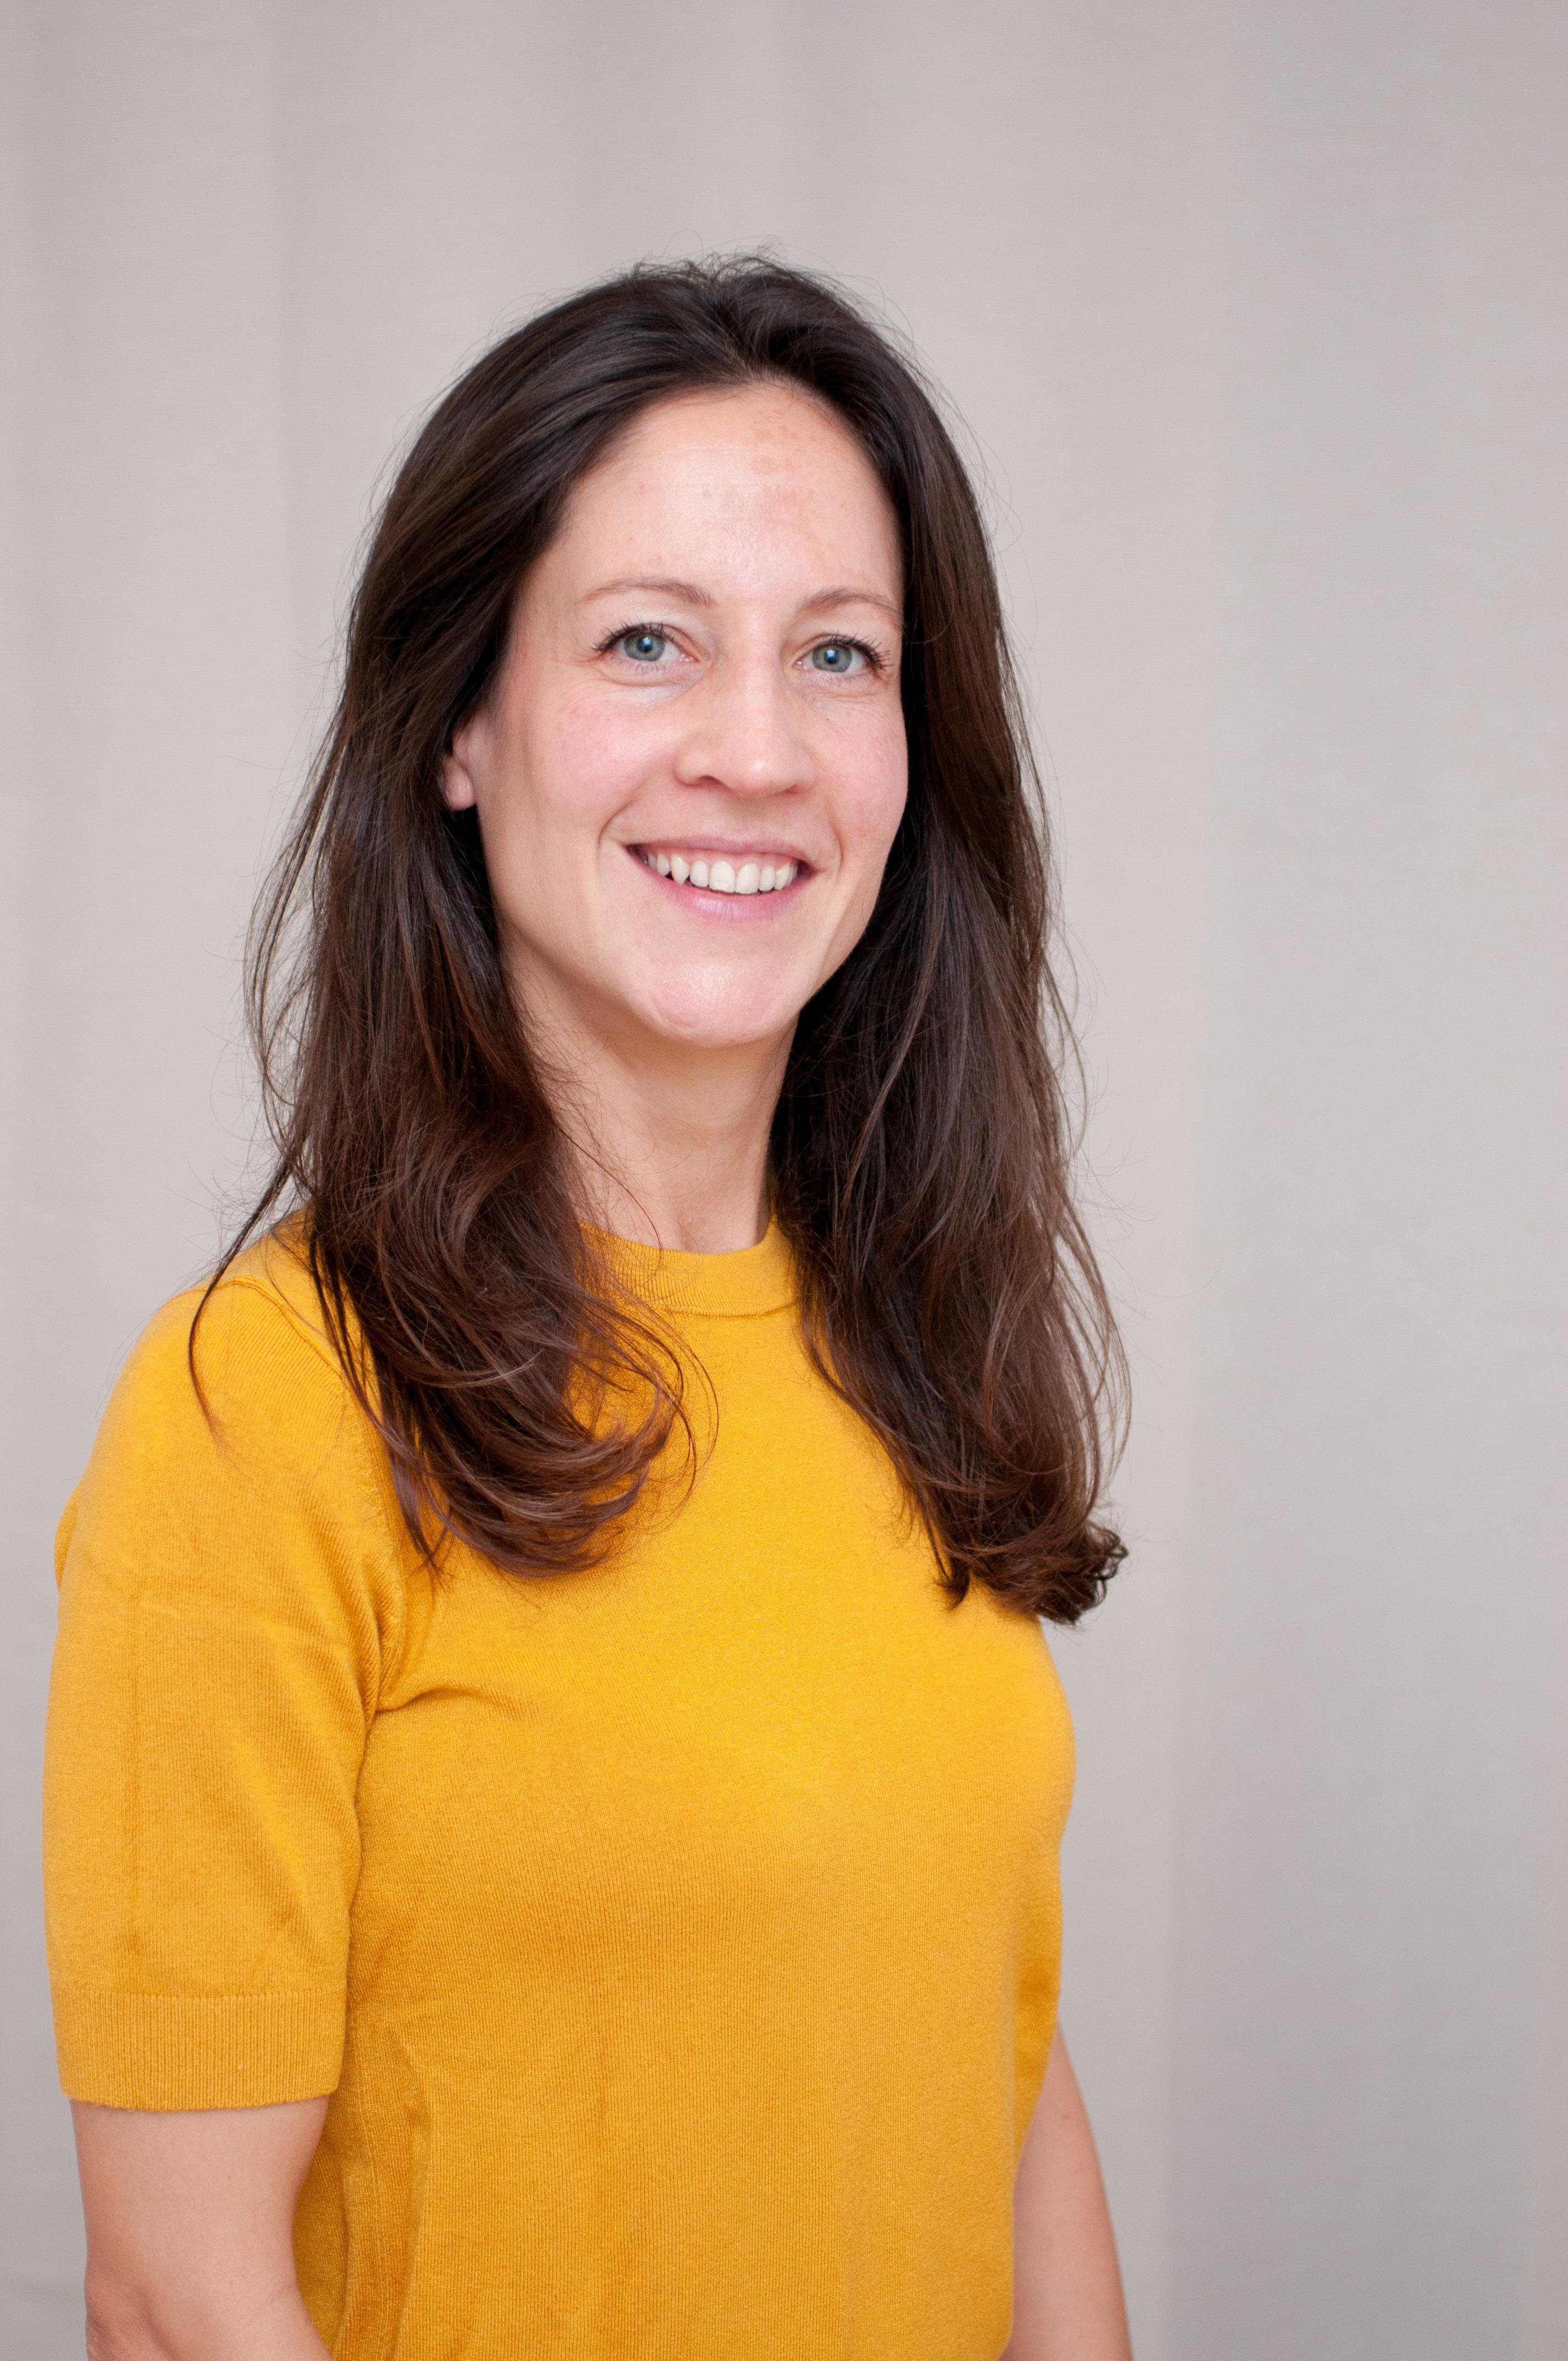 Anita Wimpissinger